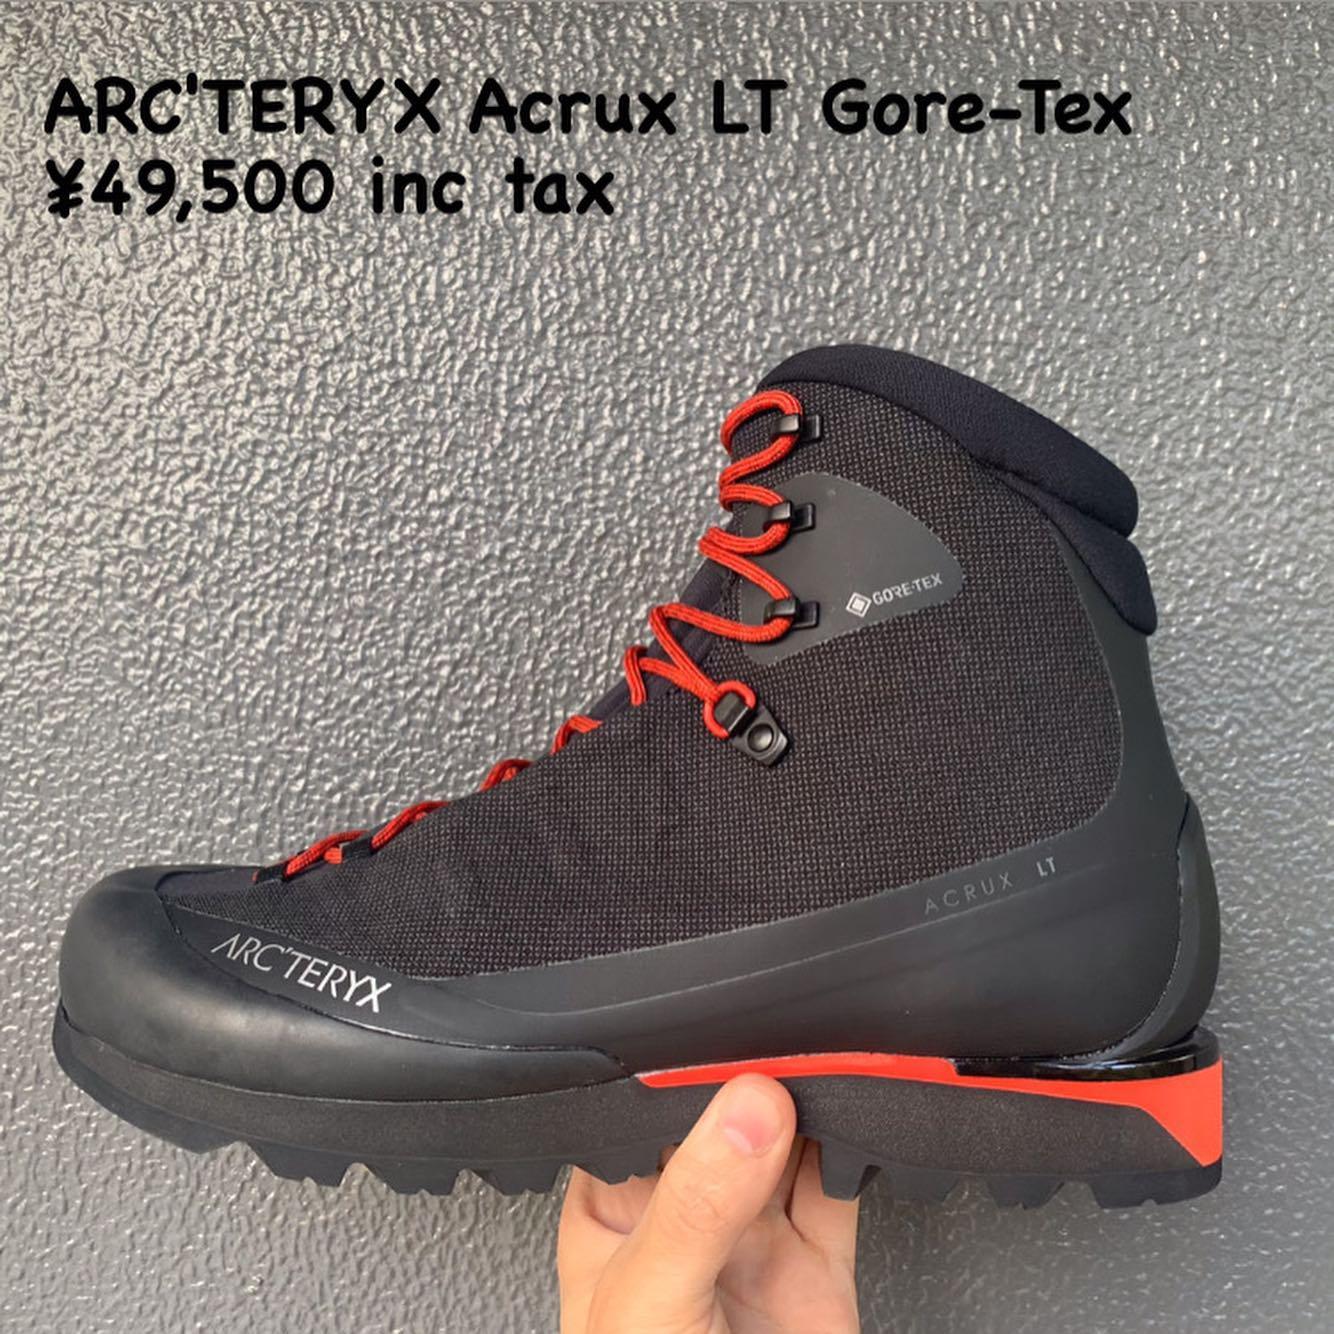 ARC'TERYXから販売店限定モデルが入荷致しました。